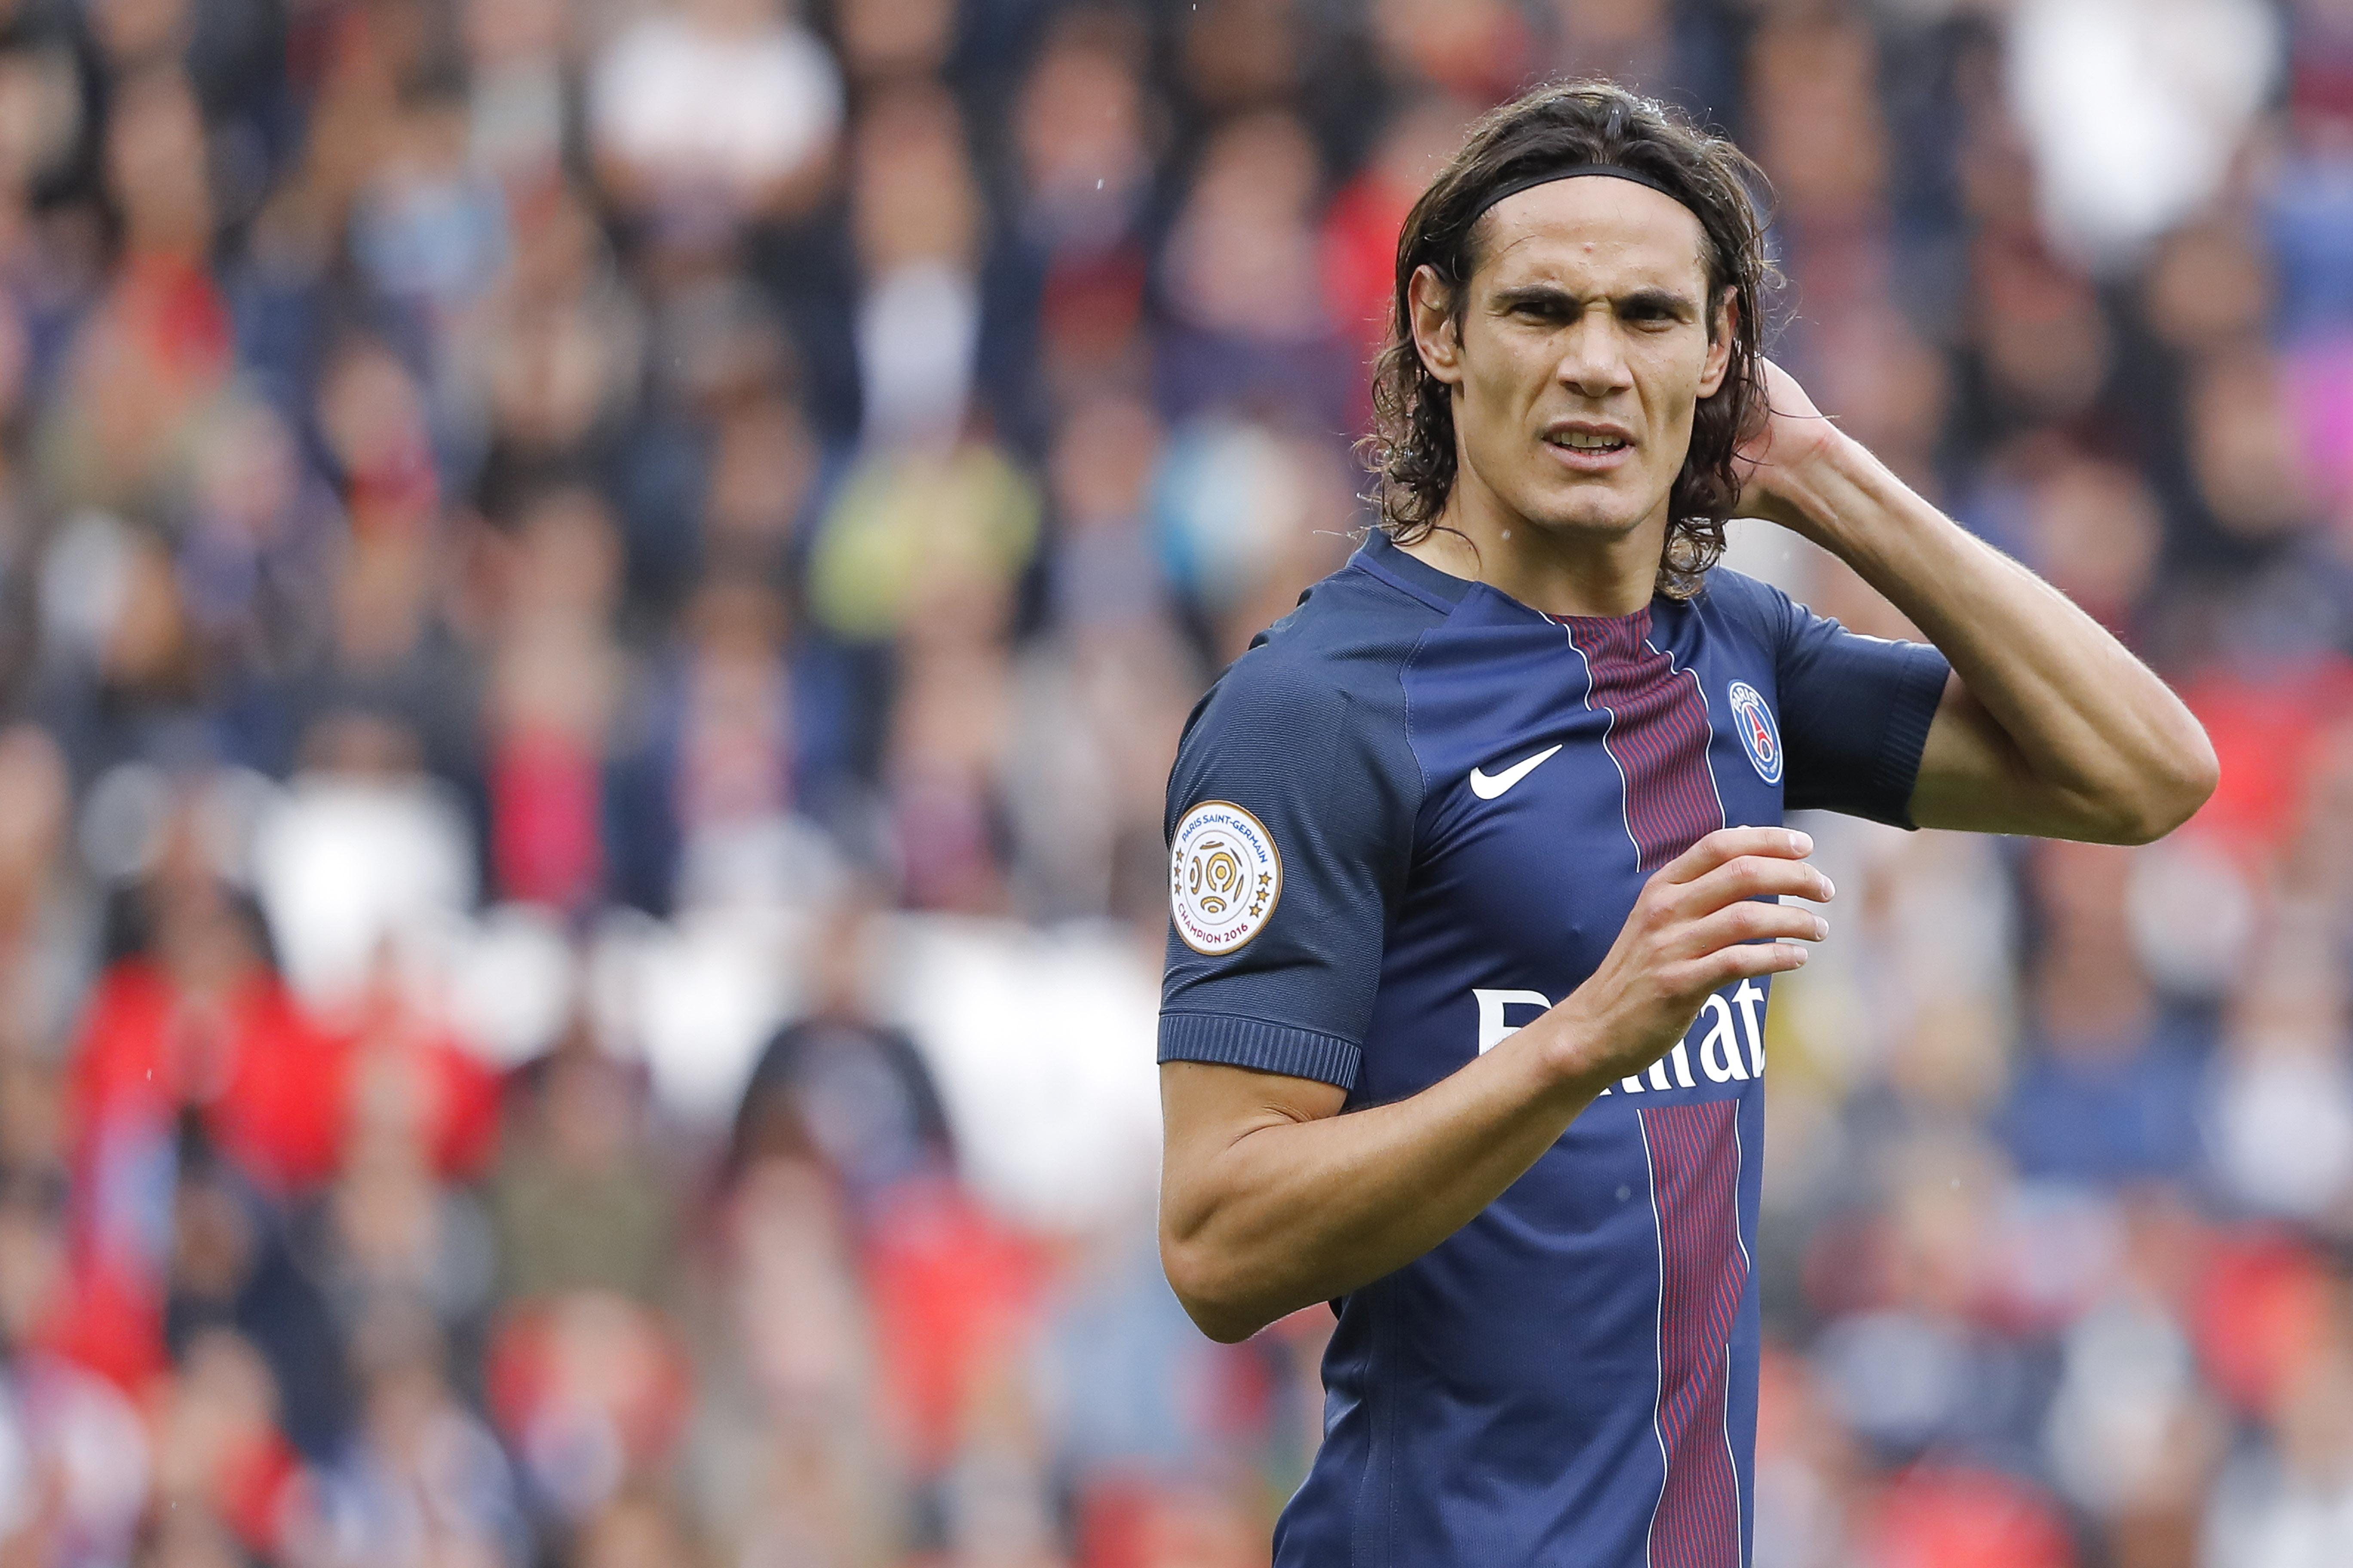 Football - Ligue 1 - Monaco, Cavani, Ninga : Les chiffres marquants de la 8e journée de Ligue 1